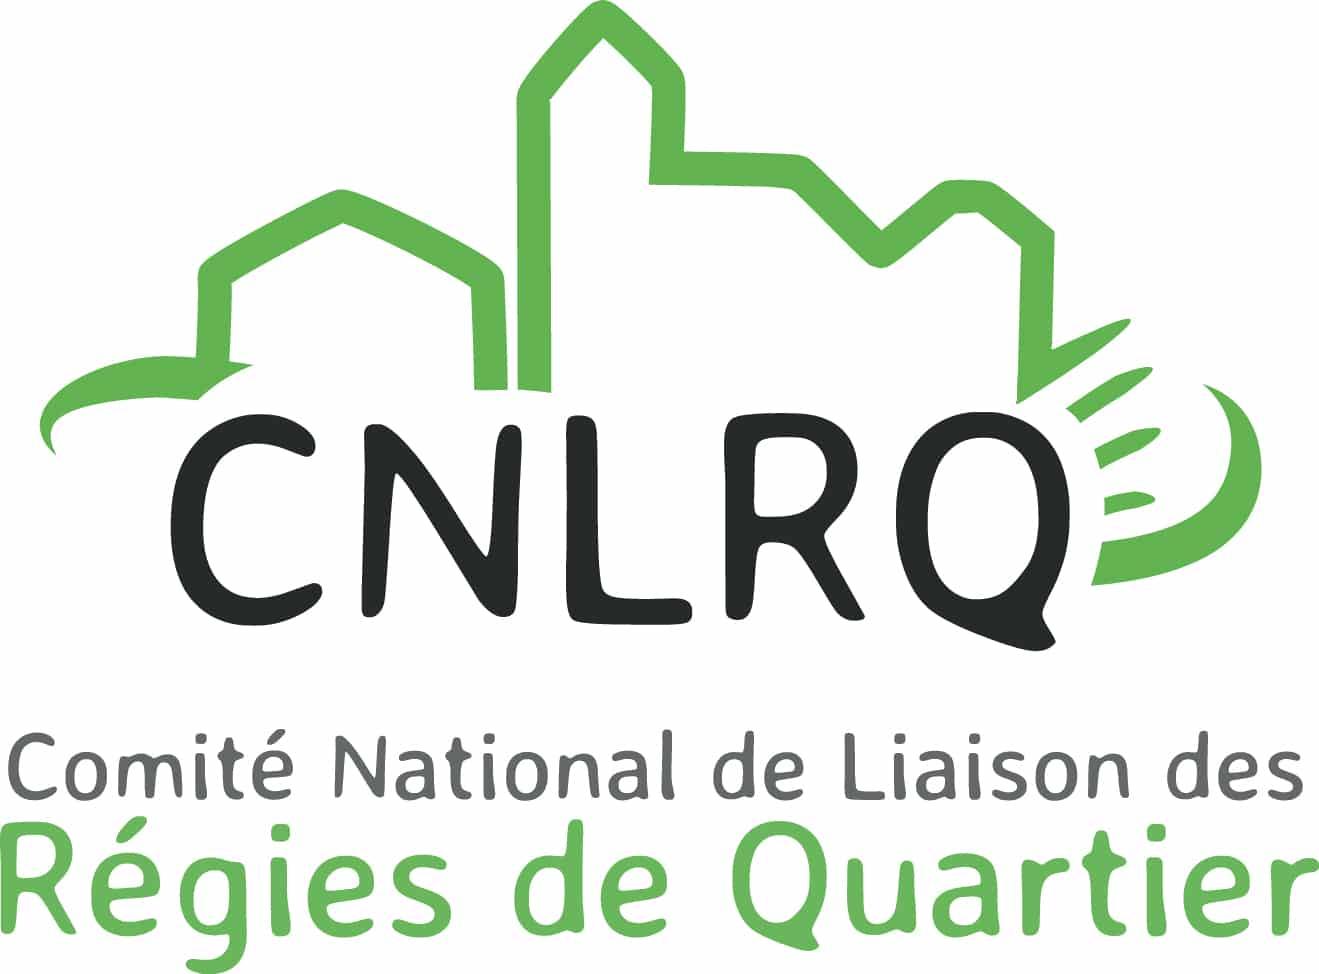 Communiqué du CNLRQ / Les Régies en temps de crise